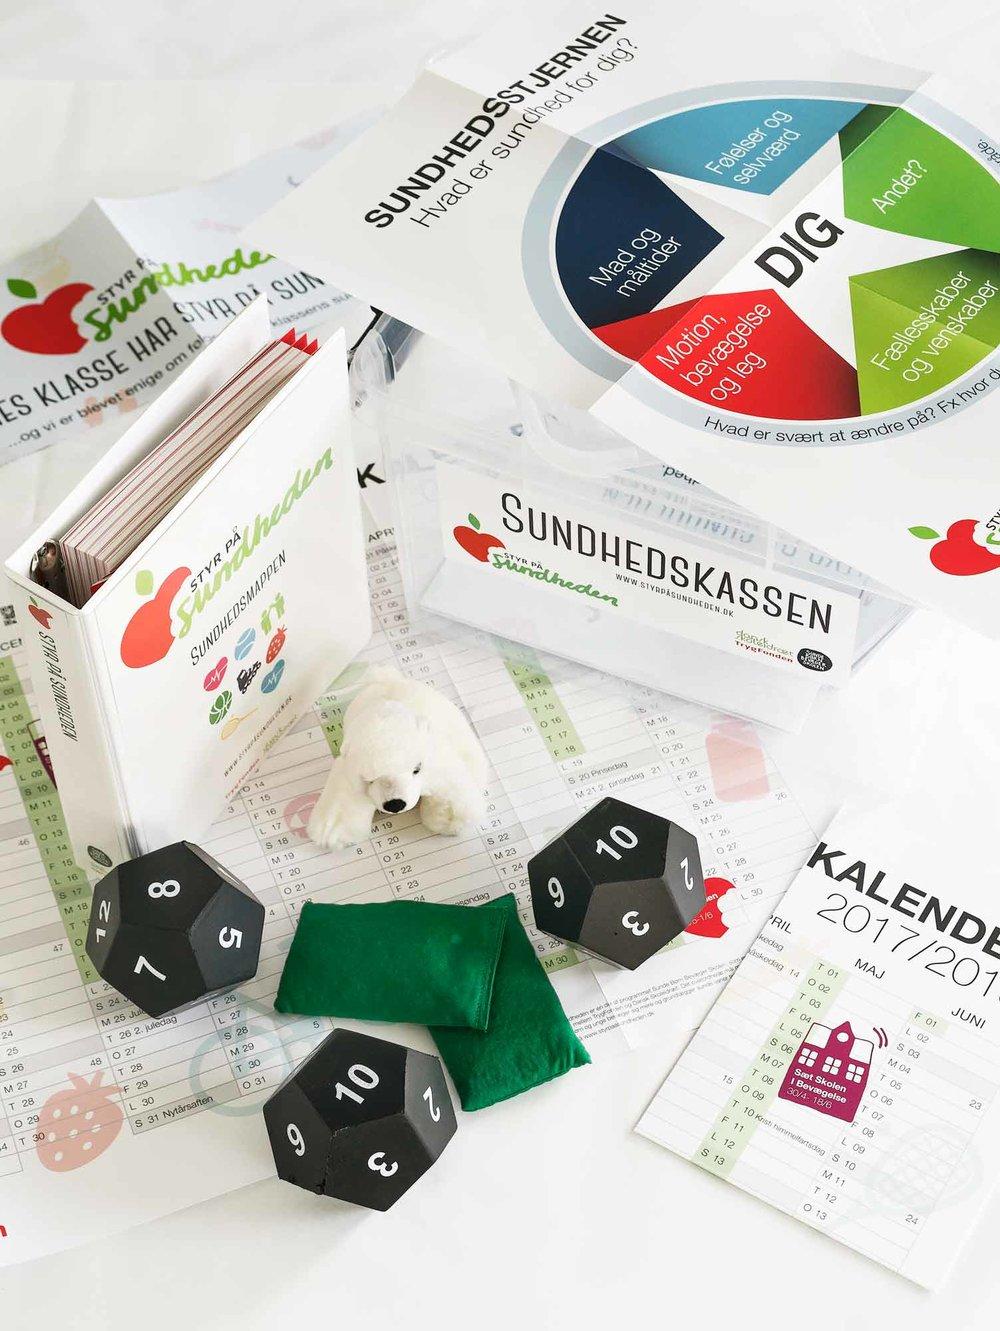 Sundhedskassen fra Styr på Sundheden blev udviklet i 2017. Kassen rummer materialer til aktiv sundhedsundervisning.